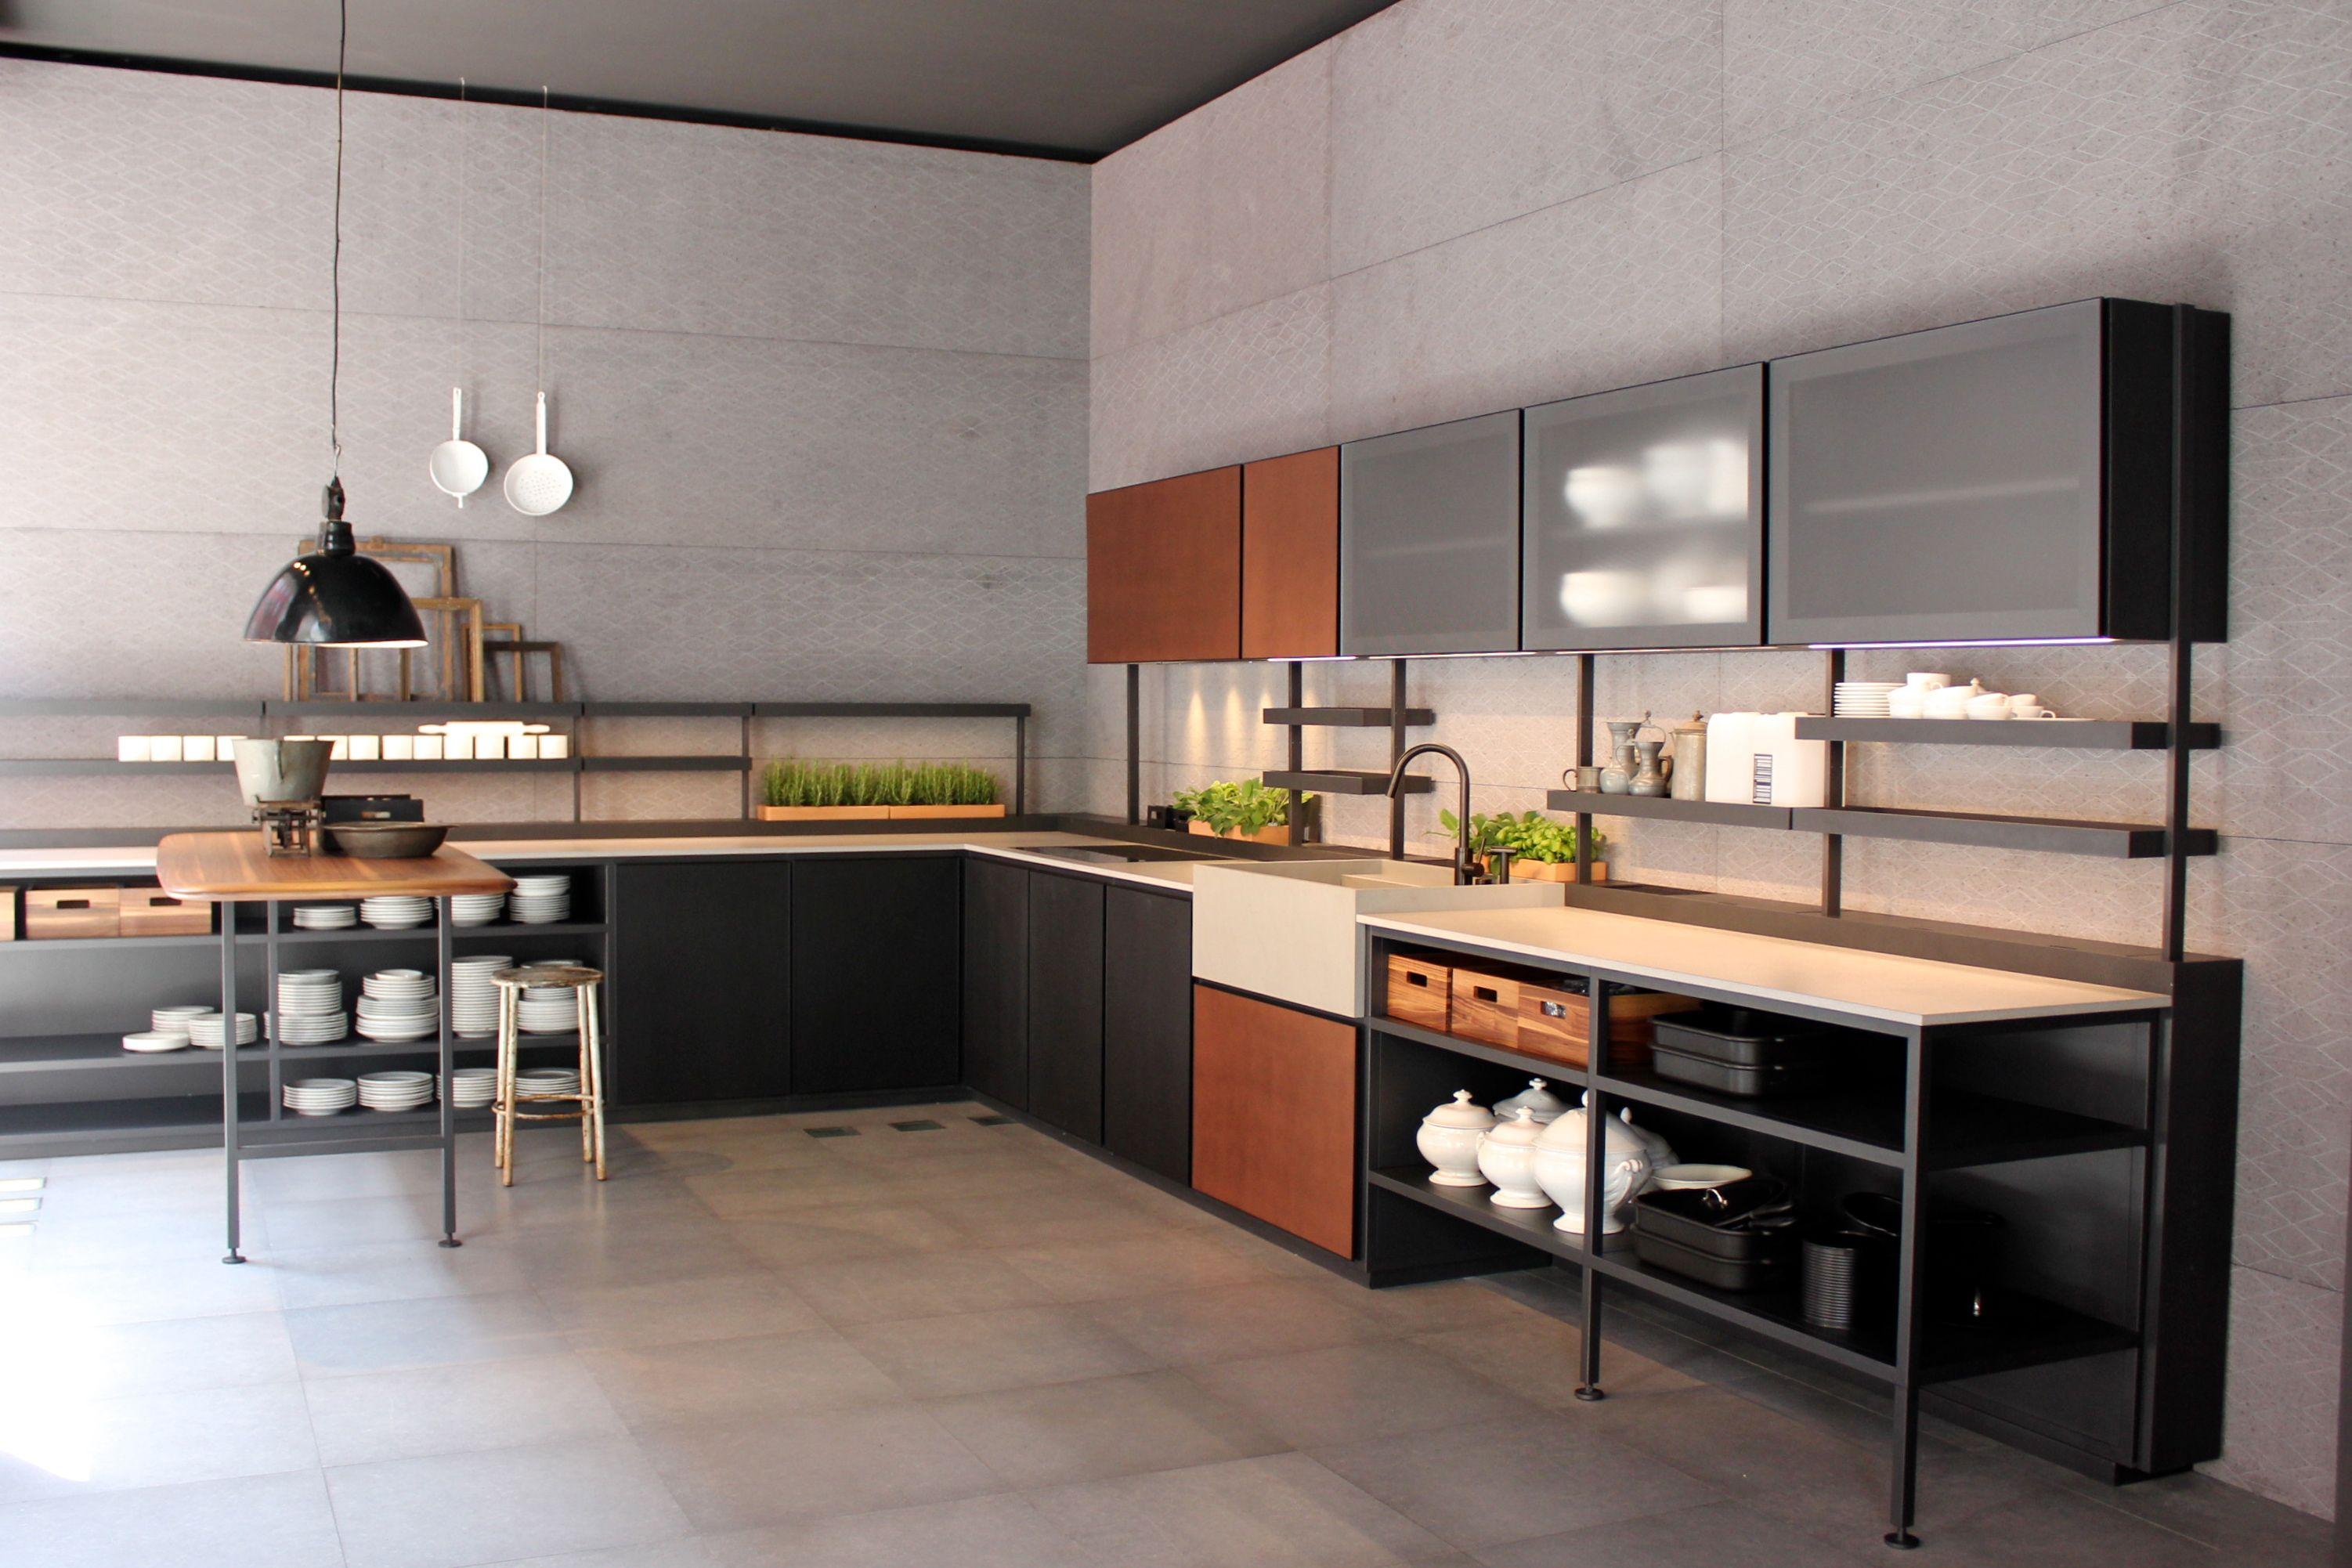 Boffi Milano   Kitchen design, Kitchen space, Home